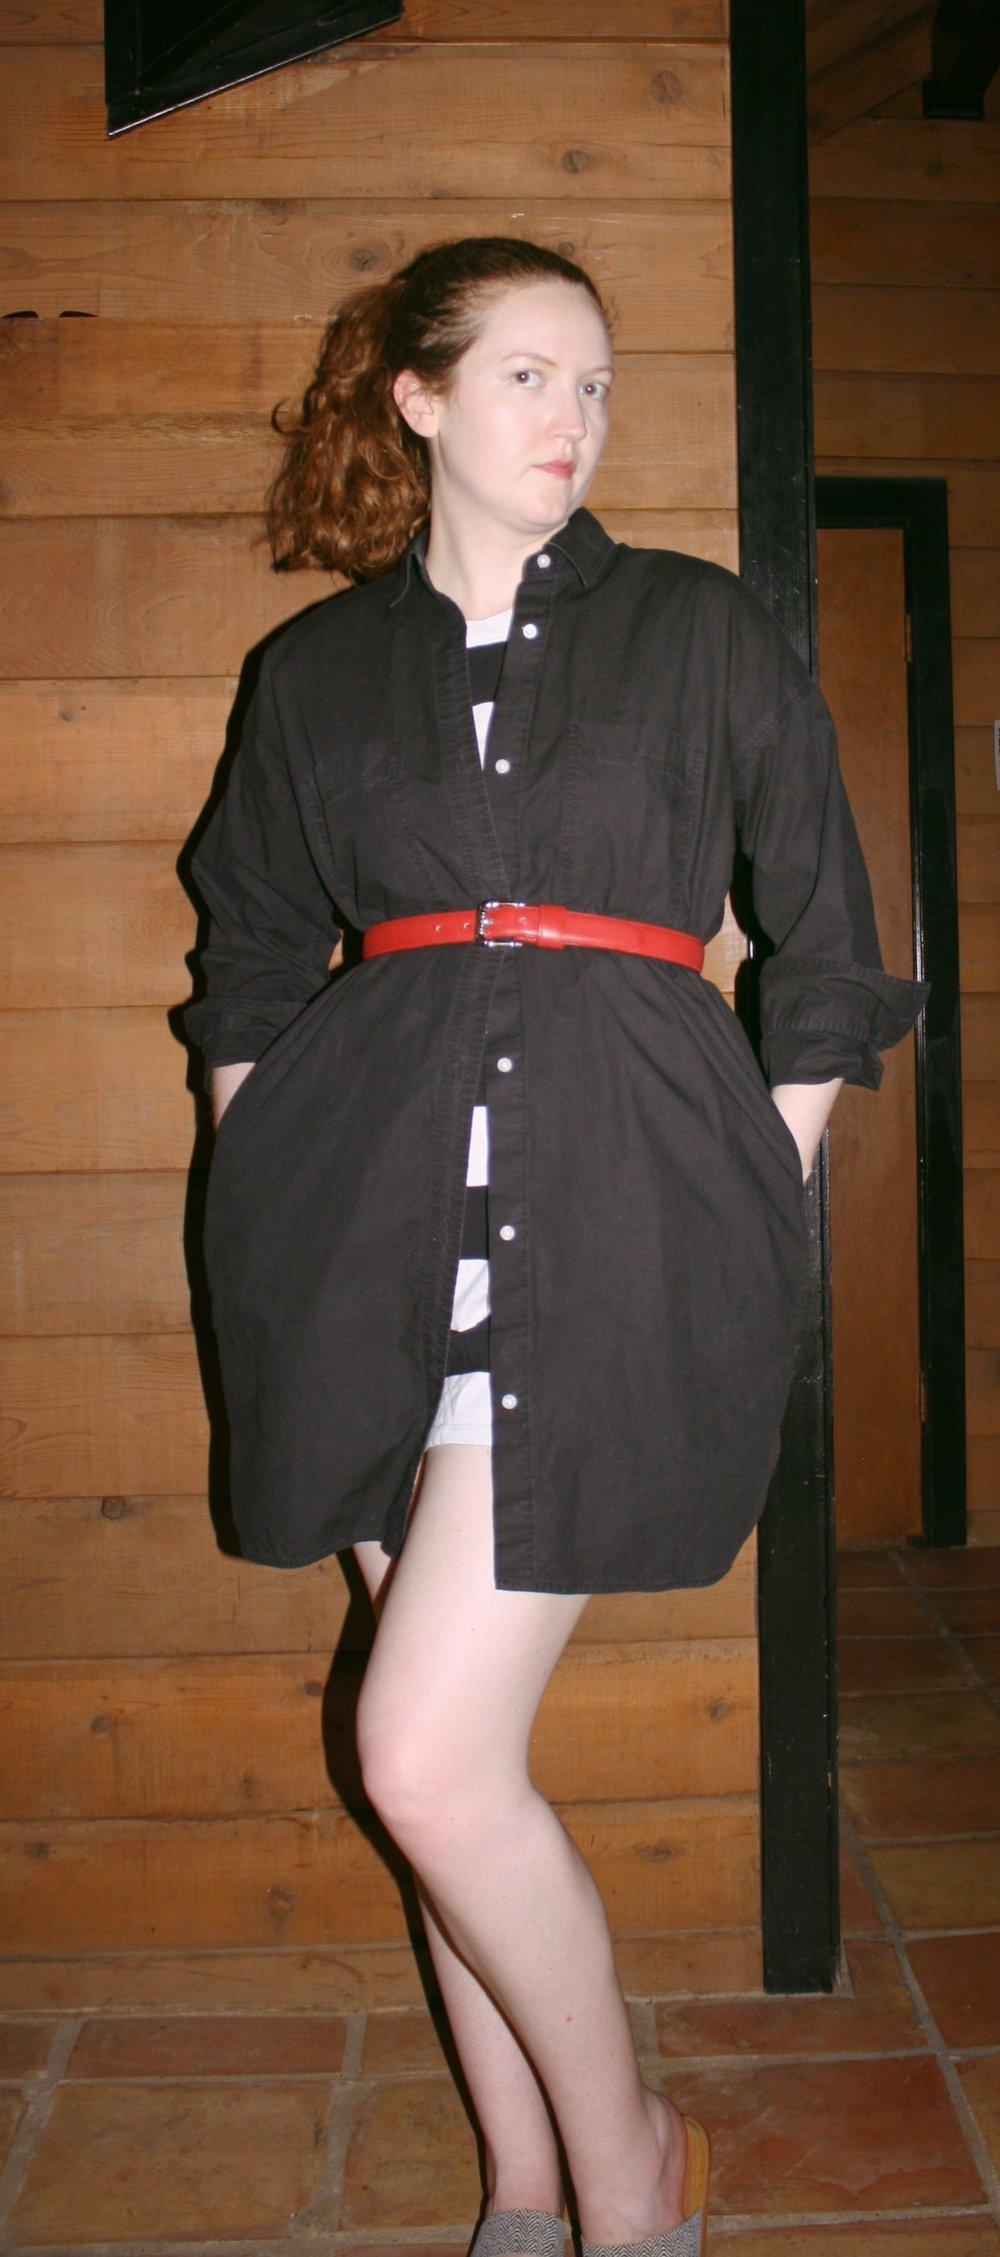 Everlane cotton two pocket shirt dress in Black + Everlane striped tee dress + Vintage Red belt + Slides